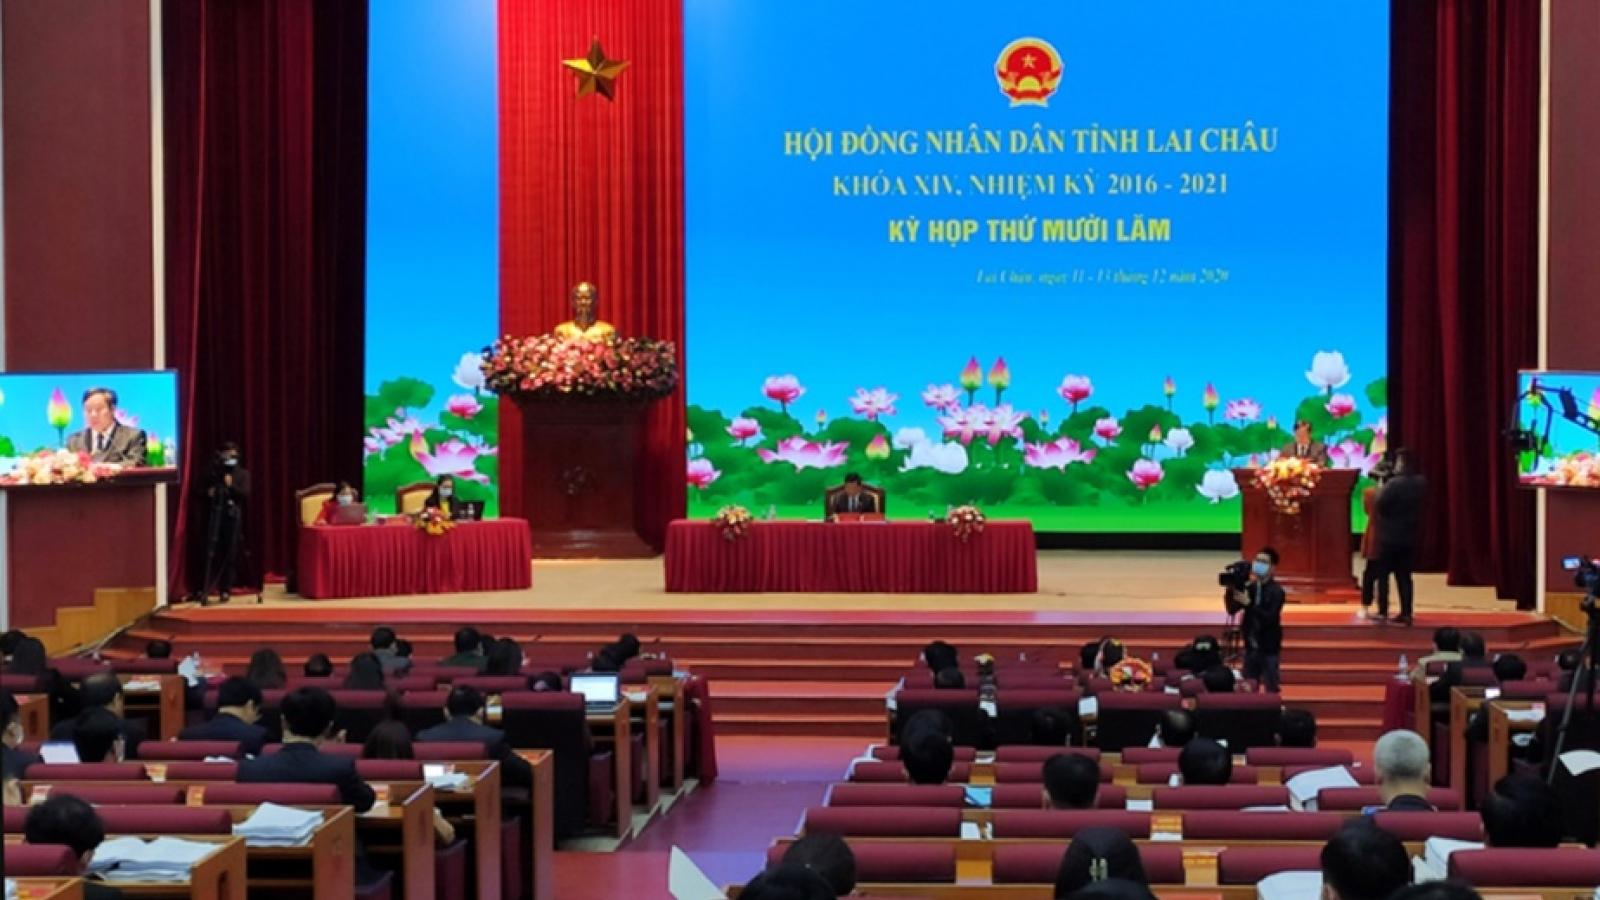 HĐND tỉnh Lai Châu thông qua nhiều nghị quyết quan trọng về kinh tế - xã hội